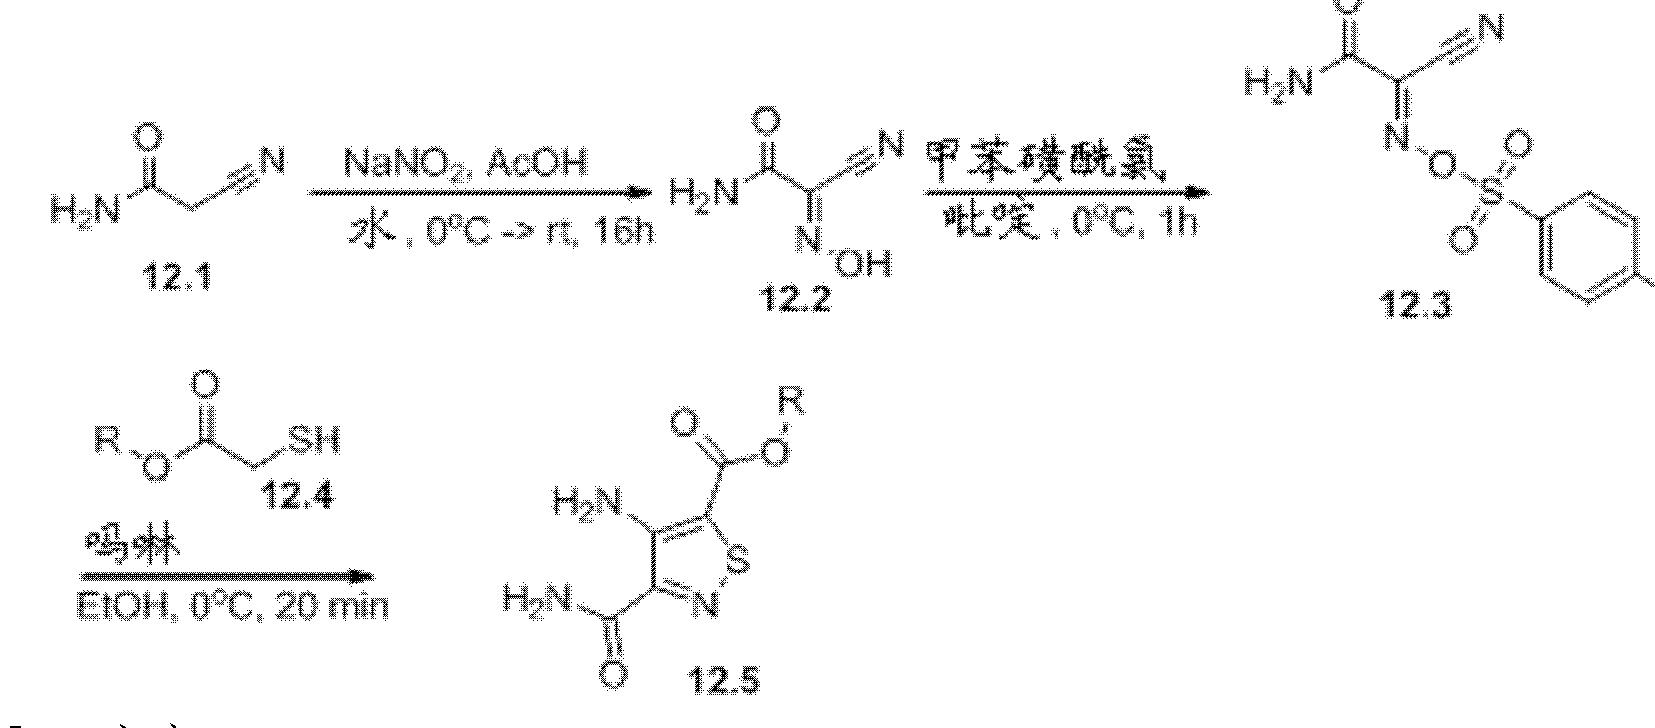 2氨基苯并噻唑6羧酸仲丁酰胺结构式图片320740714结构式图片